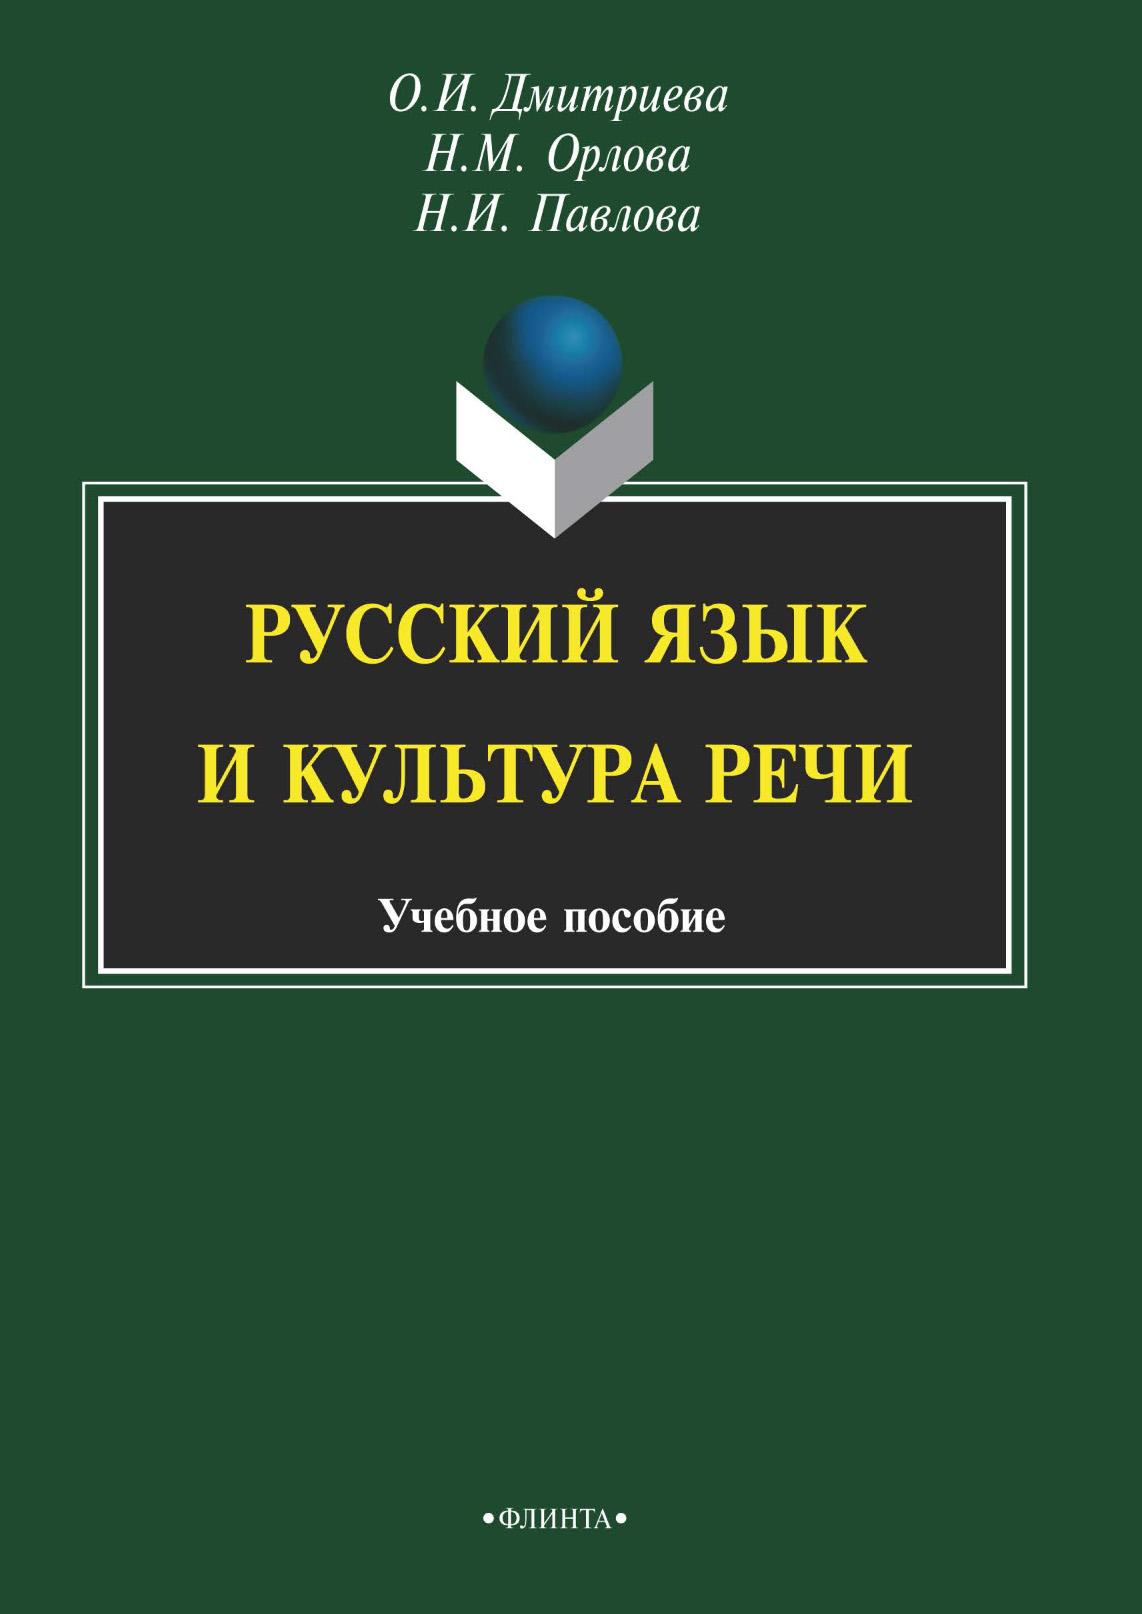 Н. М. Орлова Русский язык и культура речи. Учебное пособие футболка с полной запечаткой для мальчиков printio добби